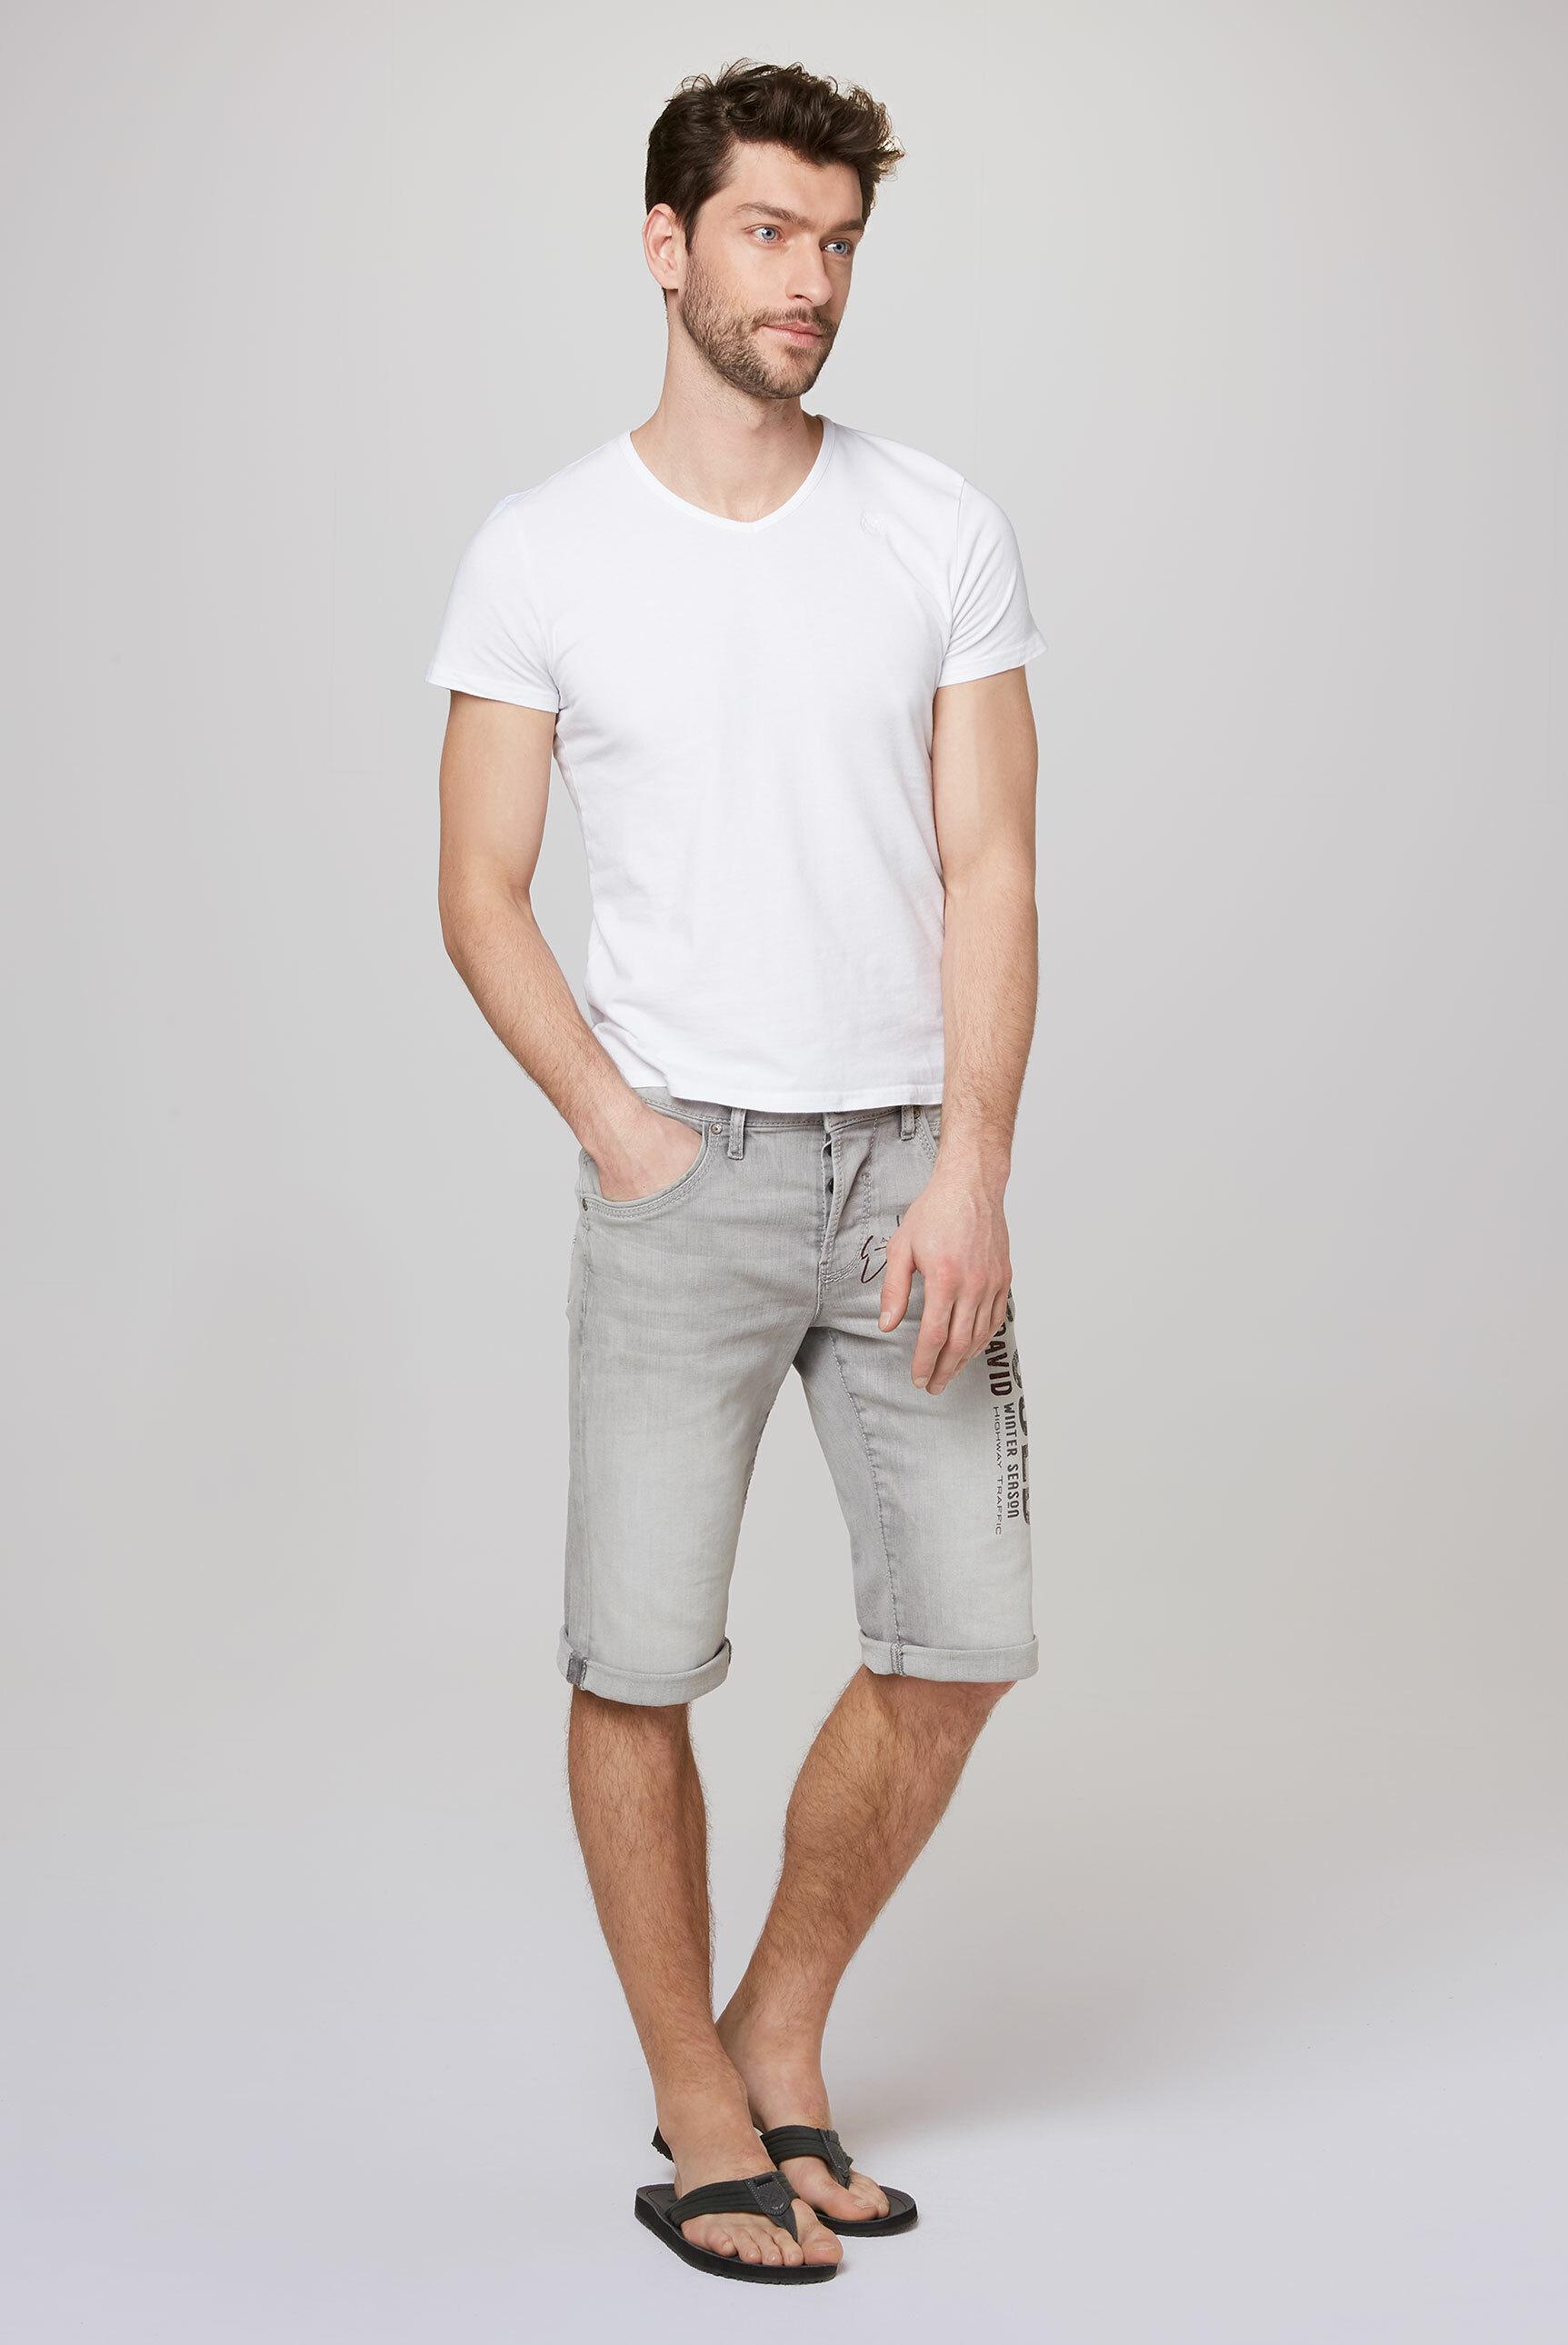 RO:BI Skater Jeans RO:BI mit Used Print